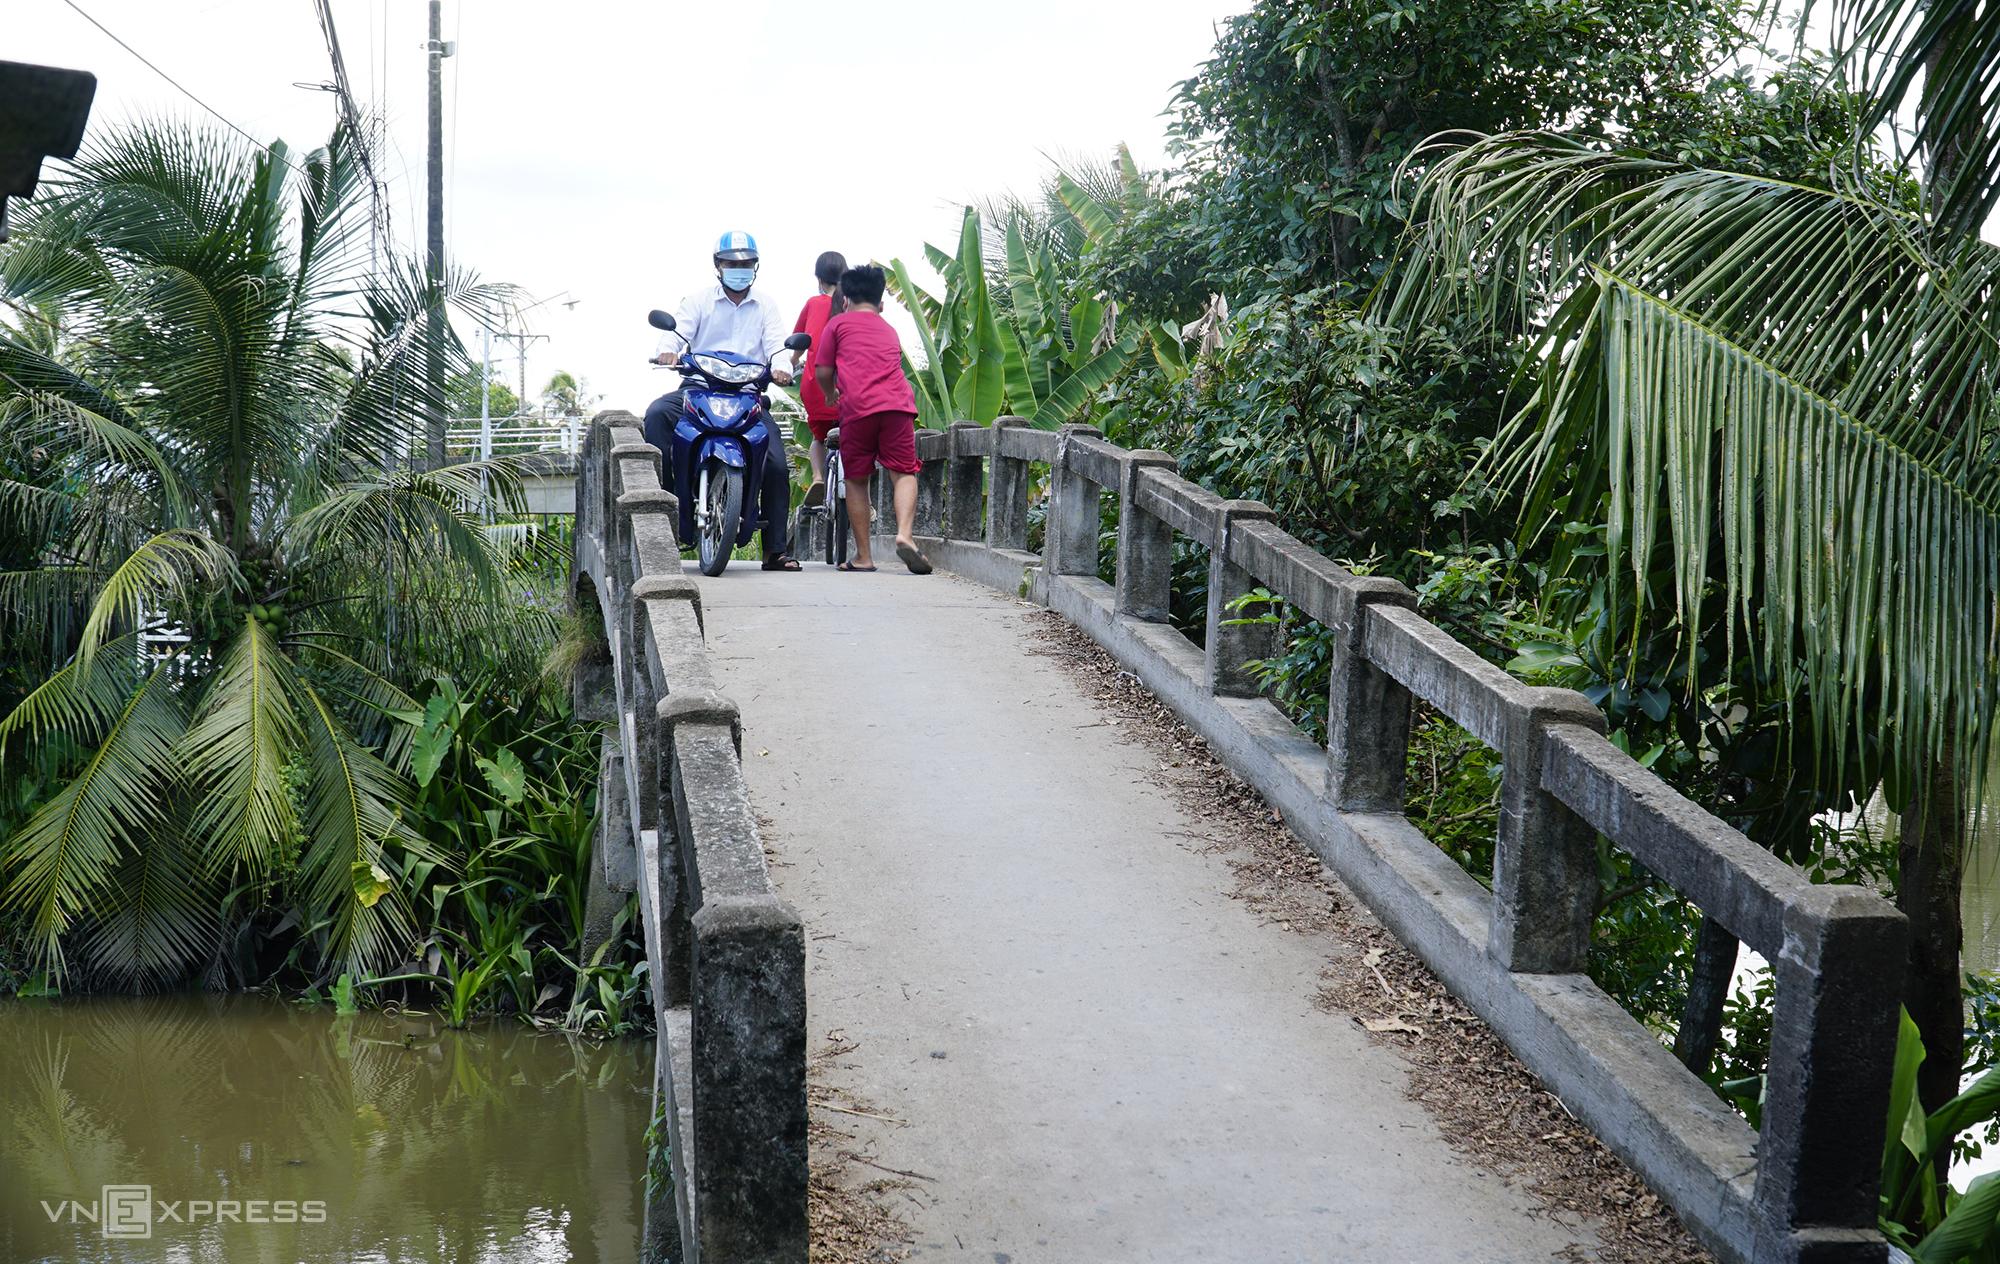 Cầu Rạch Sậy mặt cầu hẹp, hai xe đi cùng lúc phải chen nhau mới qua được. Ảnh: Ngọc Tài